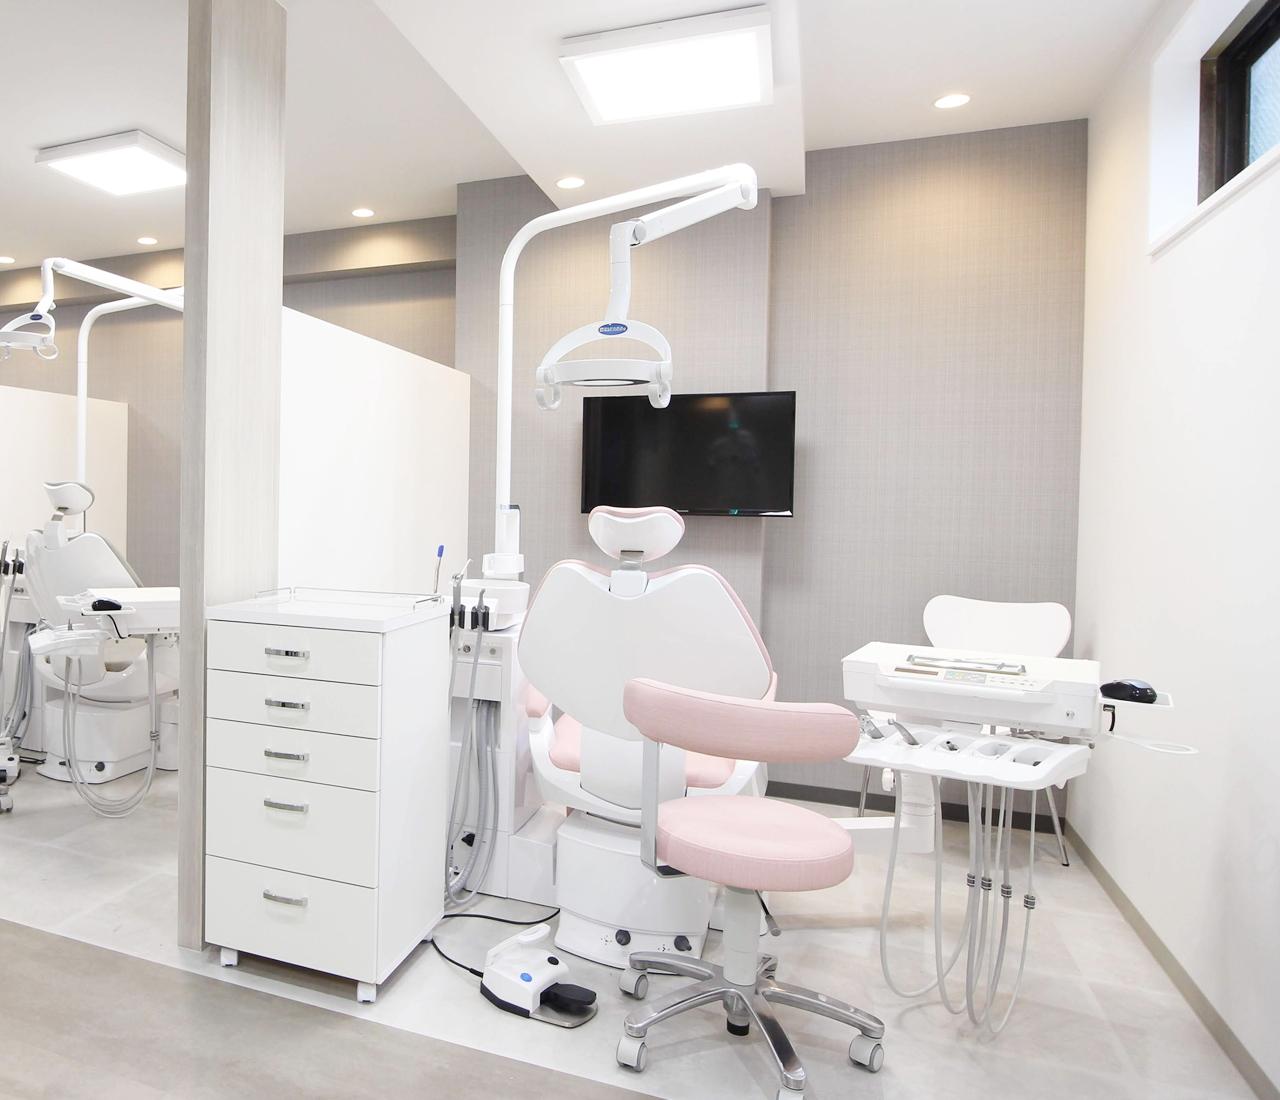 あべ歯科では、患者様一人ひとりのお悩みに親身に寄り添い丁寧な診療を行っています。